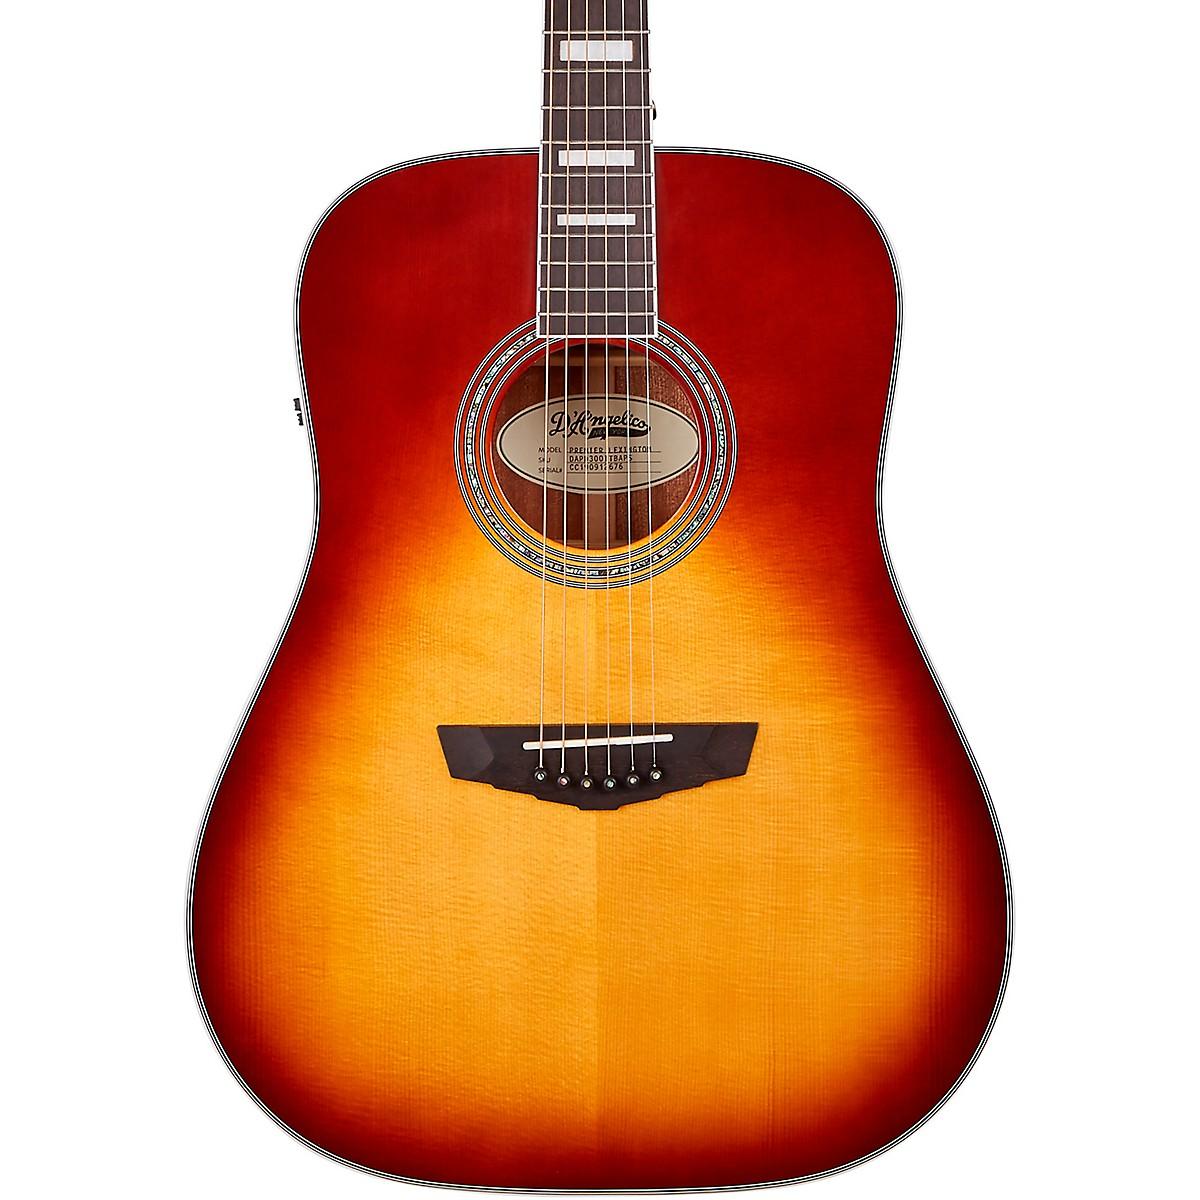 D'Angelico Premier Series Lexington Dreadnought Acoustic-Electric Guitar